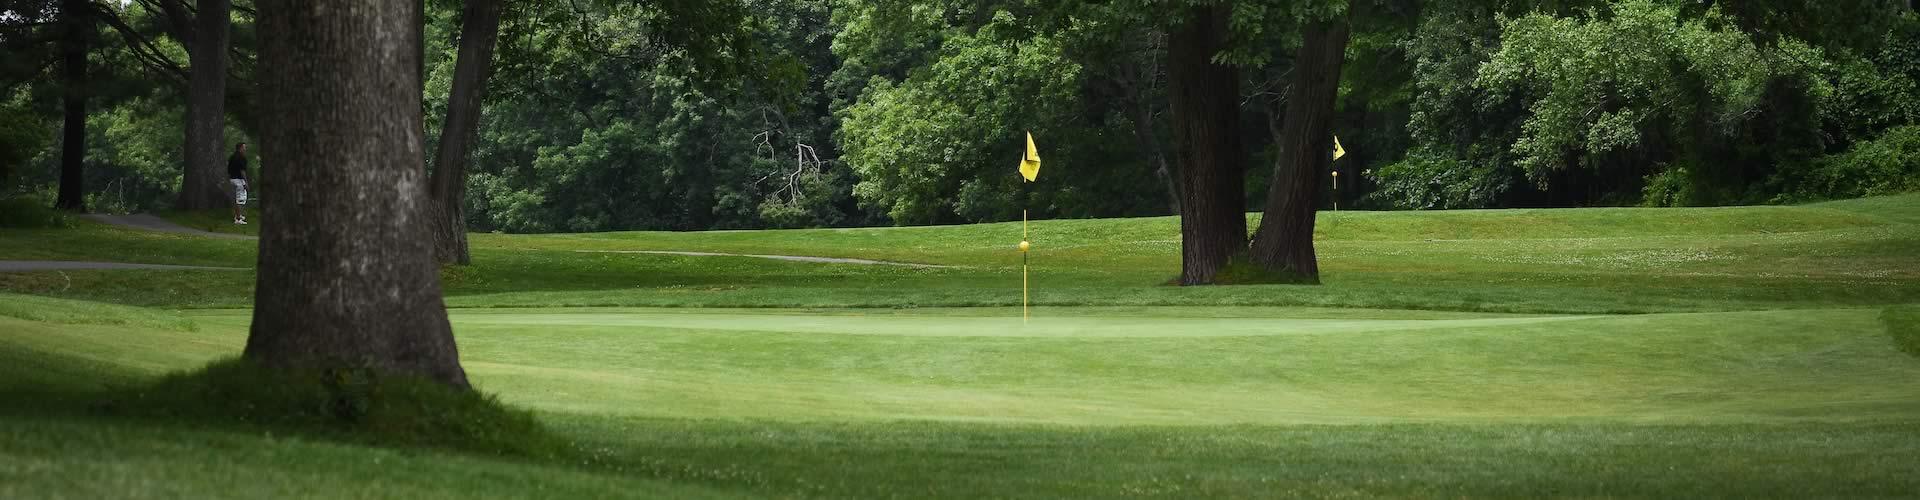 Image result for spring golf